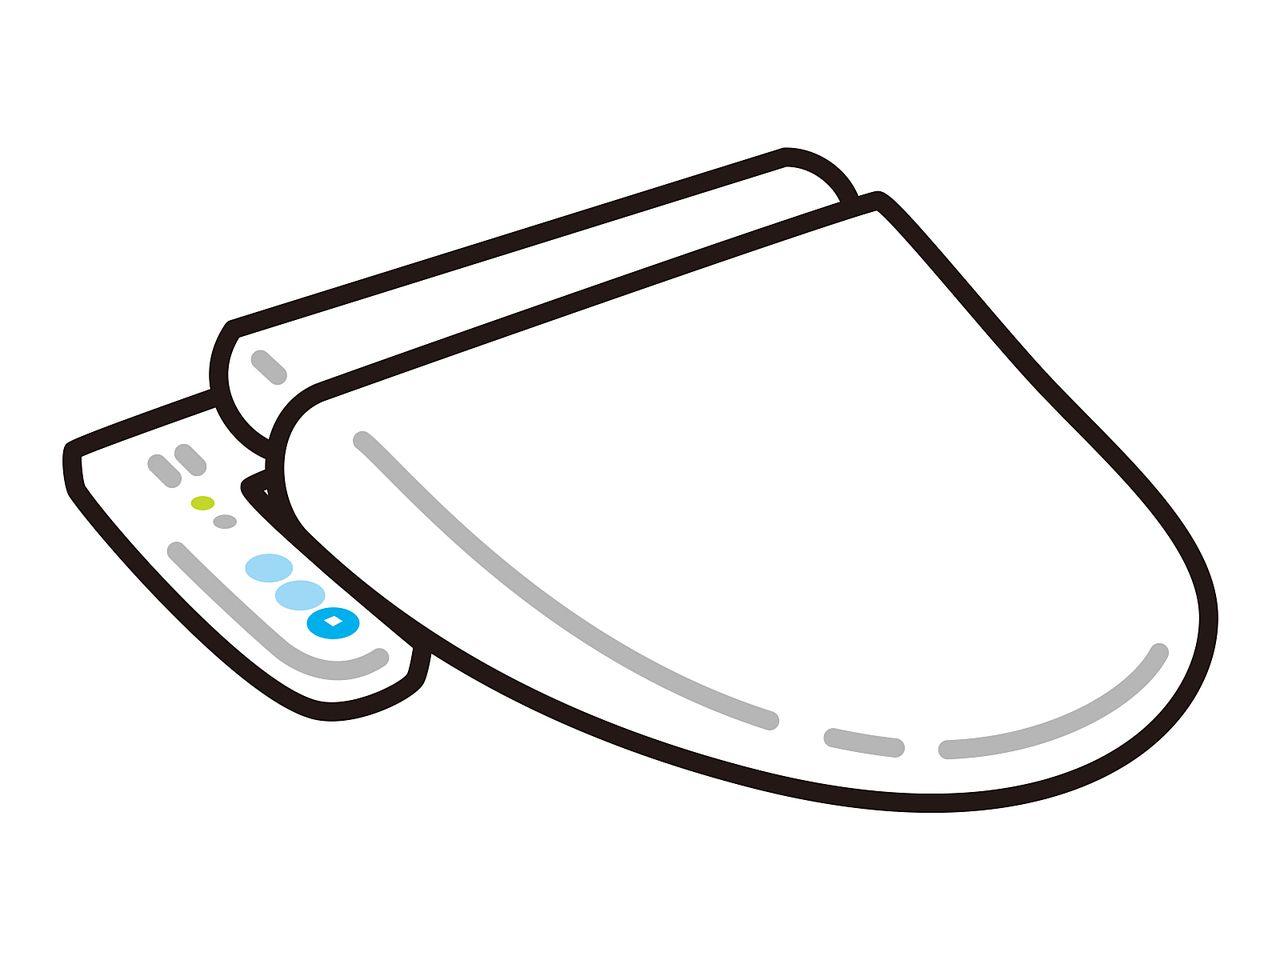 賃貸物件に温水洗浄便座が無かったら取付けてもいいですか?取付ける際の注意点は?